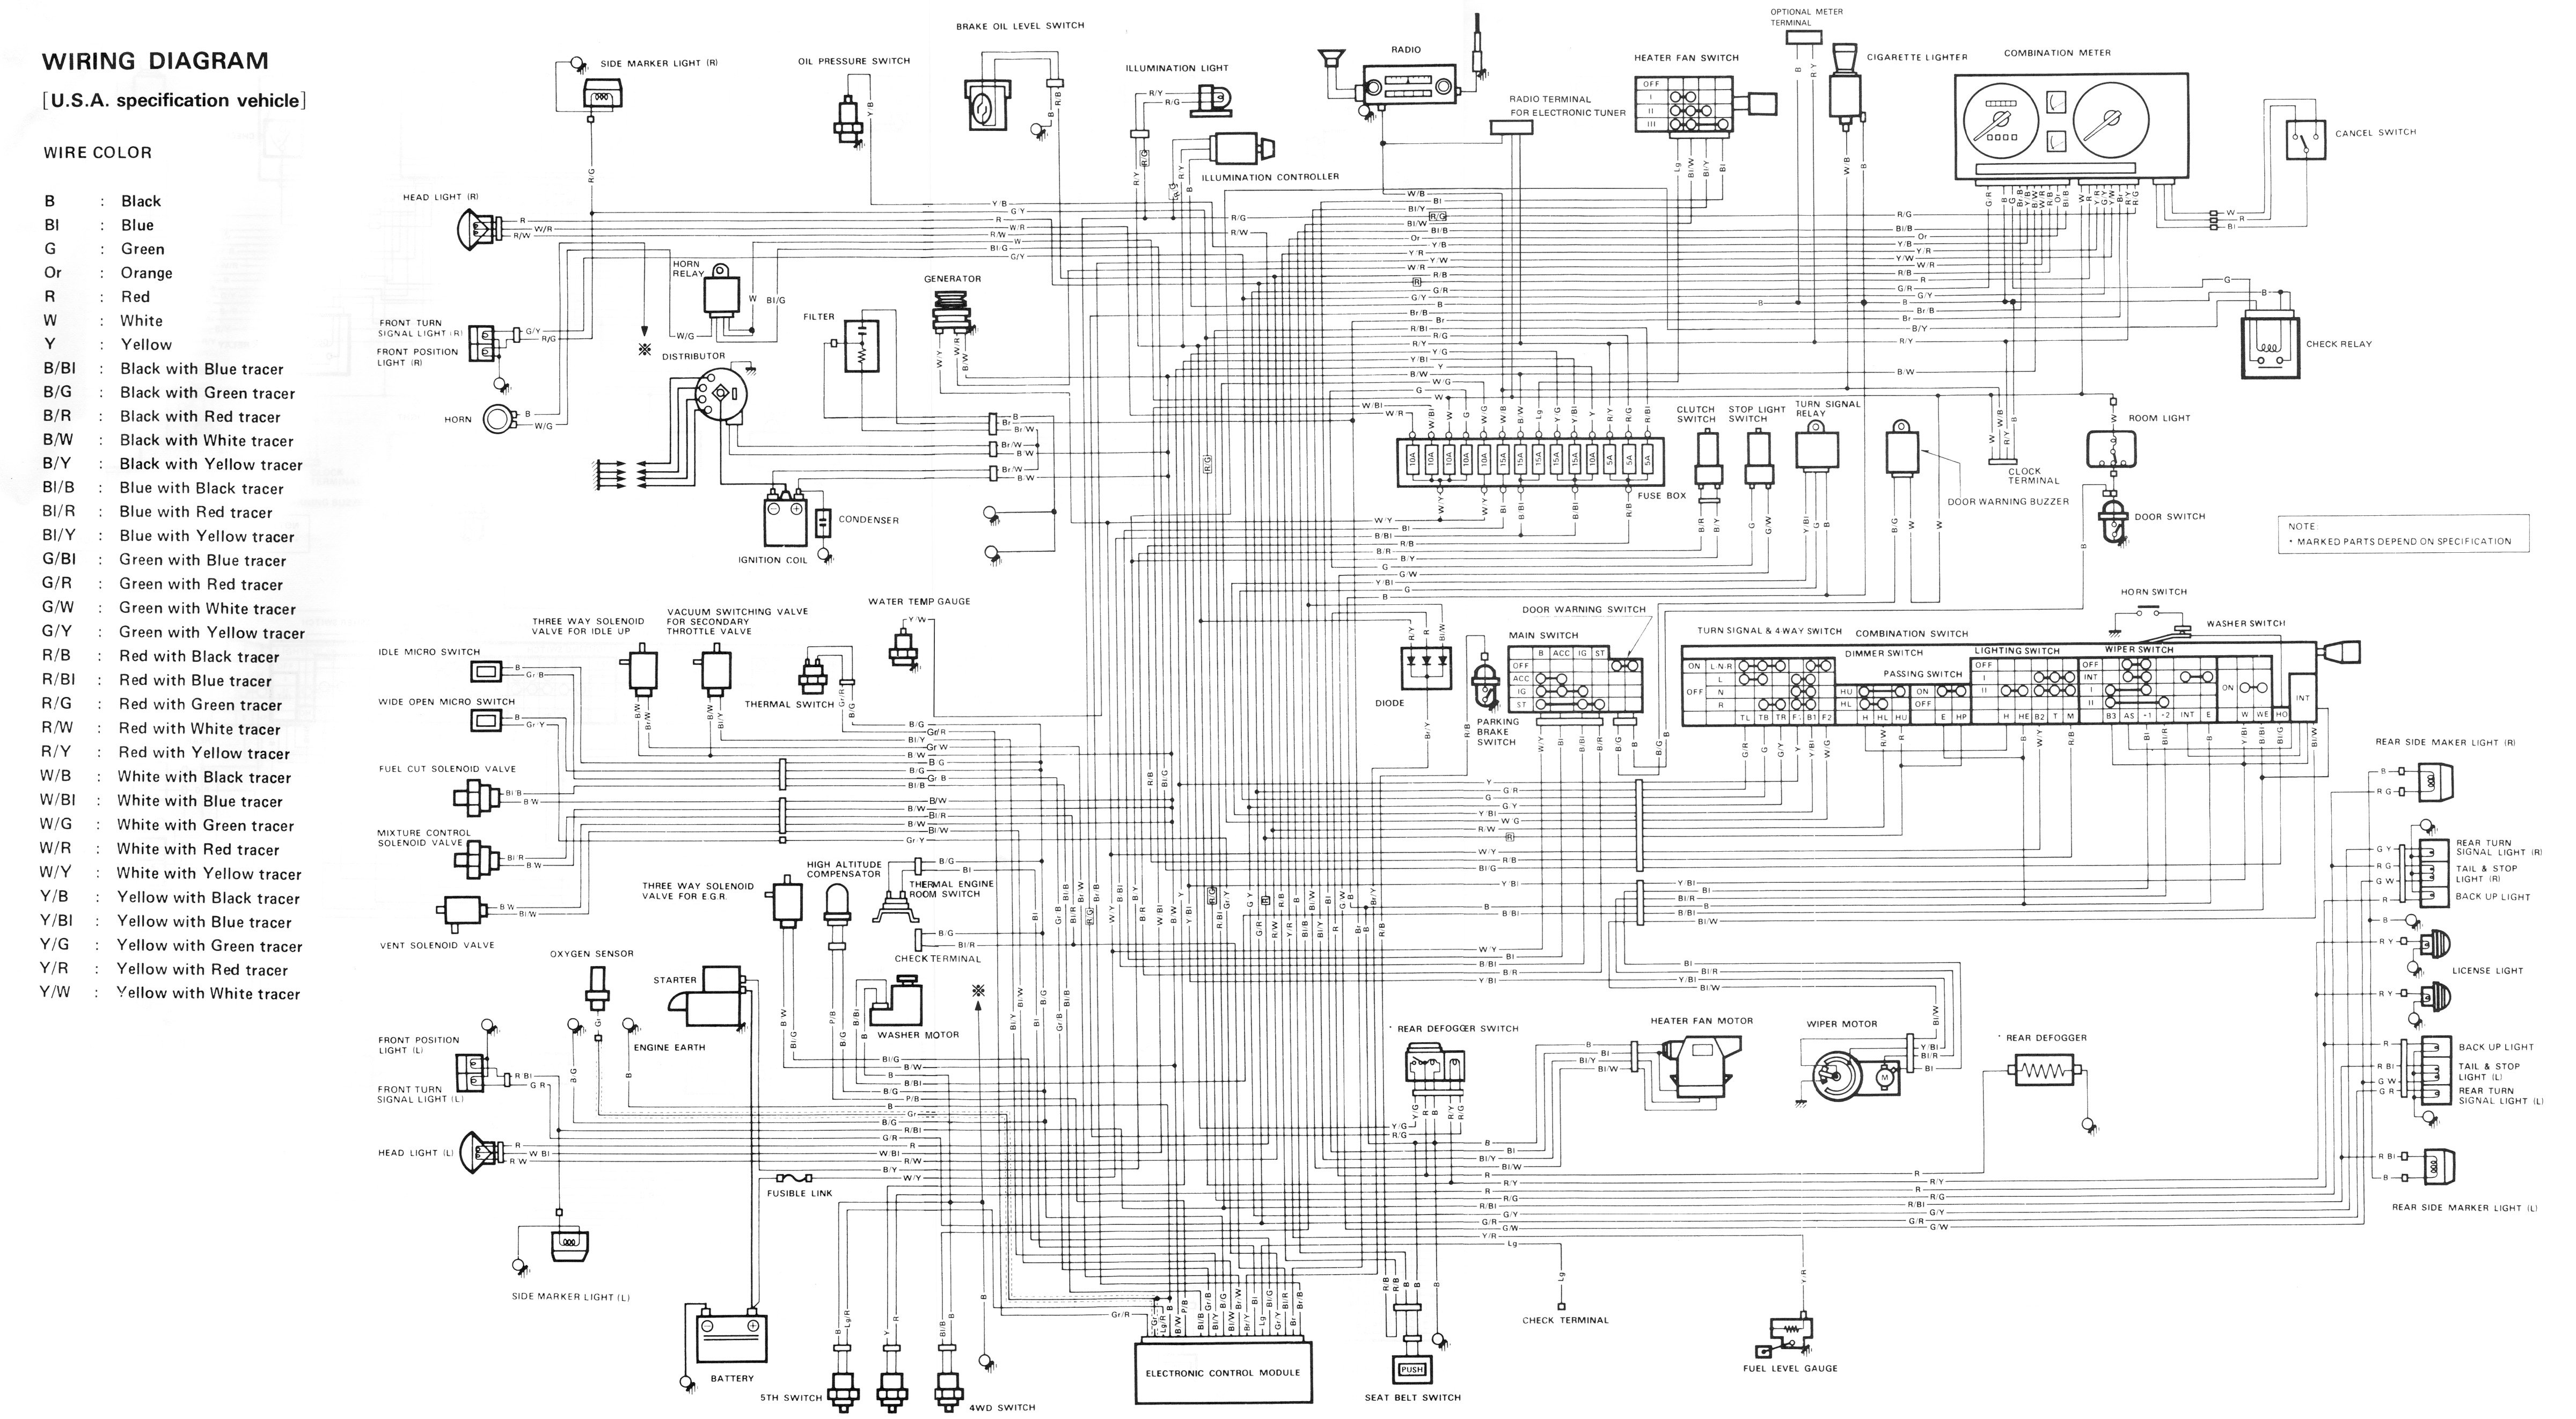 samurai_wiring_diagram?resize=665%2C366 geo metro lsi engine diagrams mercury villager engine wiring 1998 chevy metro wiring diagram at gsmportal.co